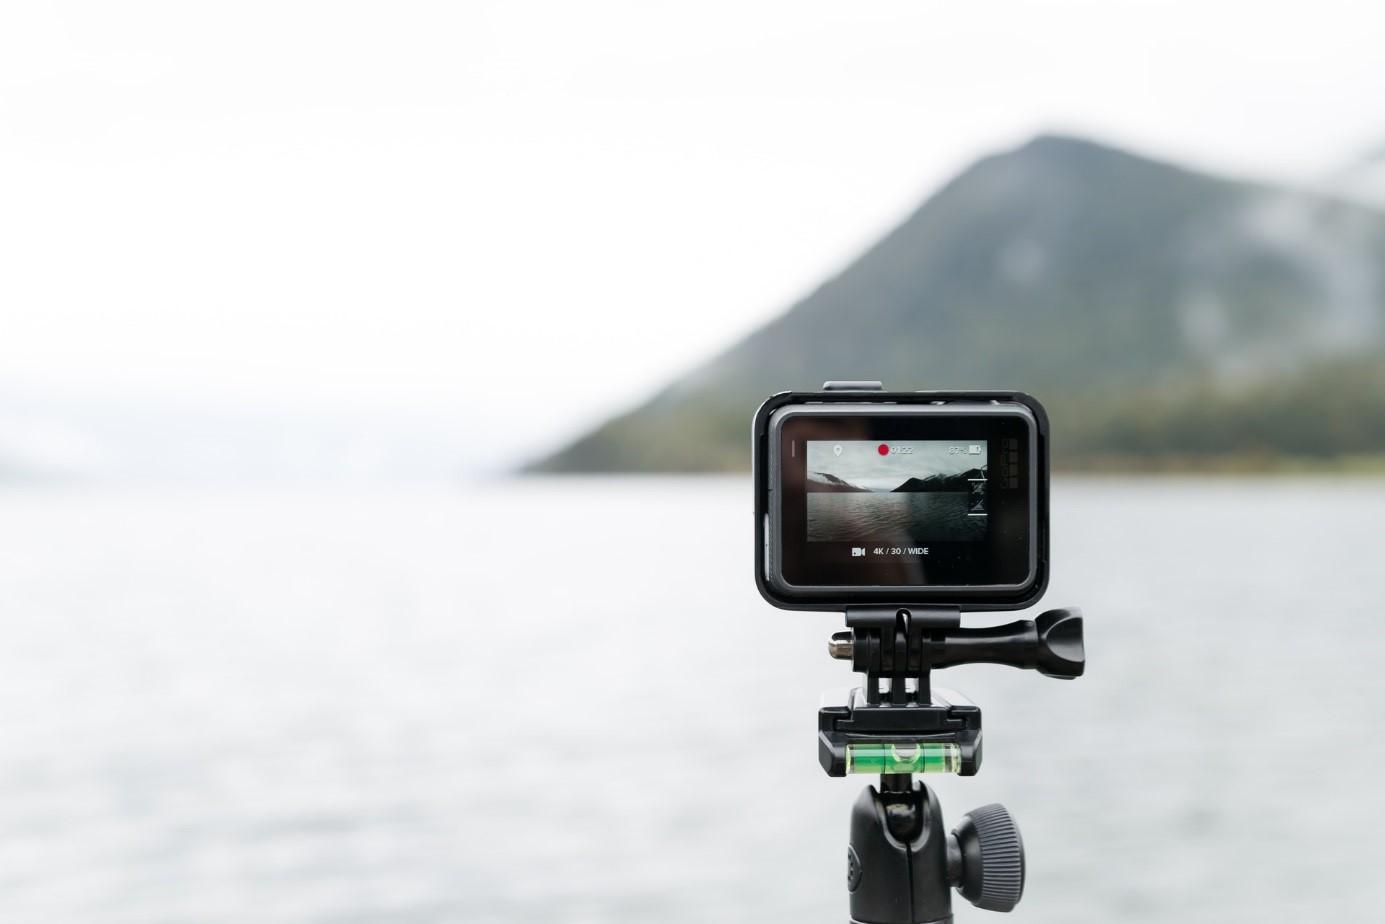 2eb399c42db686 Kamera sportowa dla narciarza - 3 polecane modele | Time4Snow